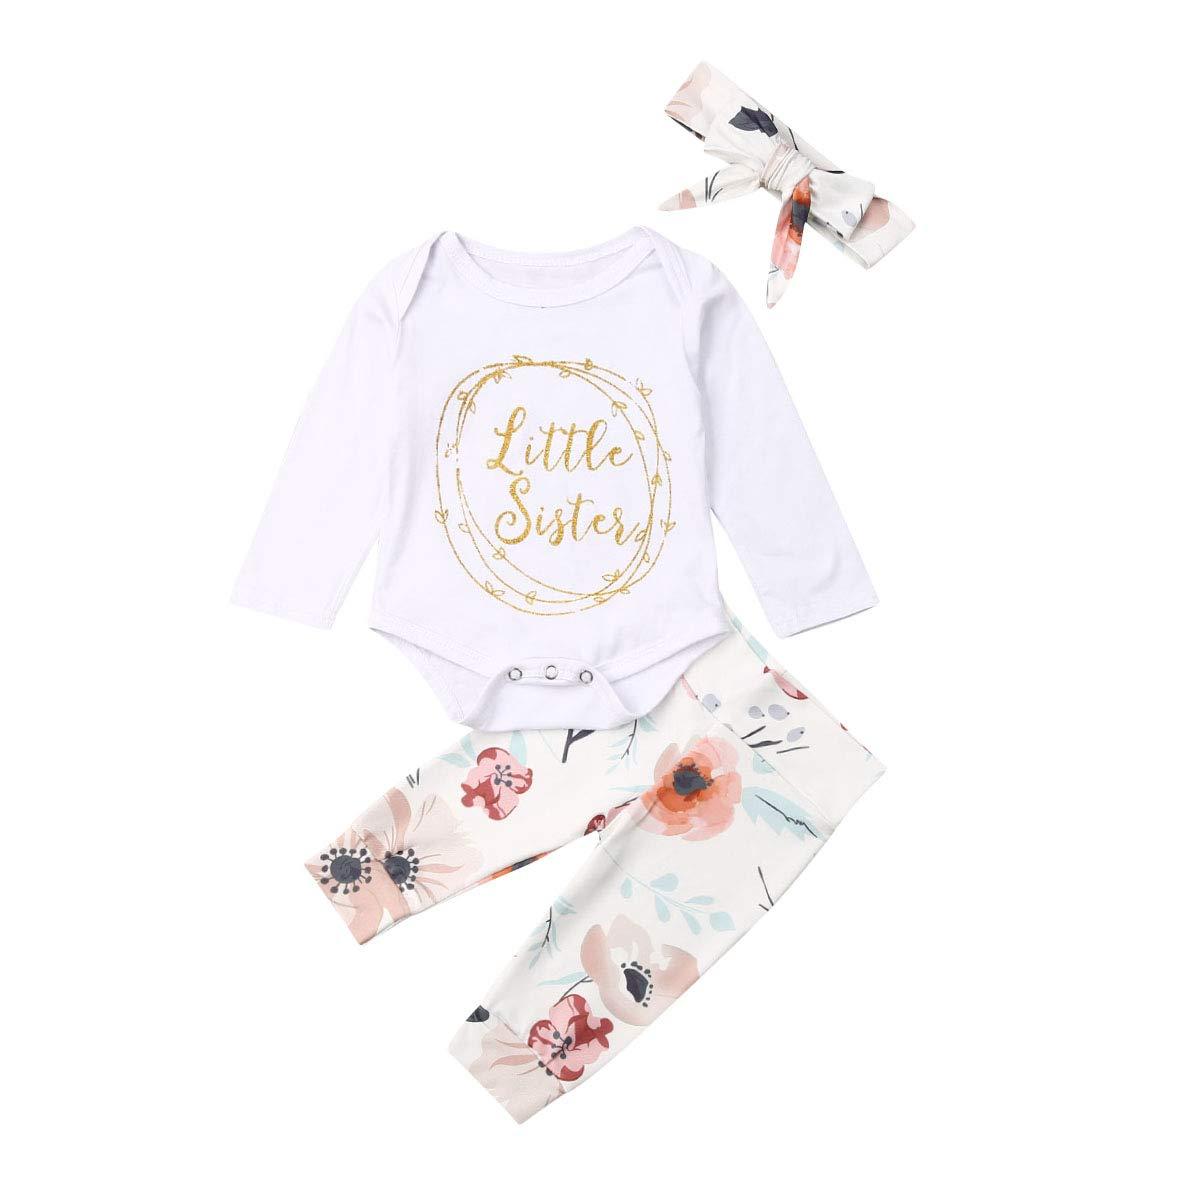 Hose Geagodelia Babykleidung Set Baby M/ädchen Kleidung Langarm Body Strampler Stirnband M/ütze Kleinkinder Neugeborene Warme Babyset Little Sister